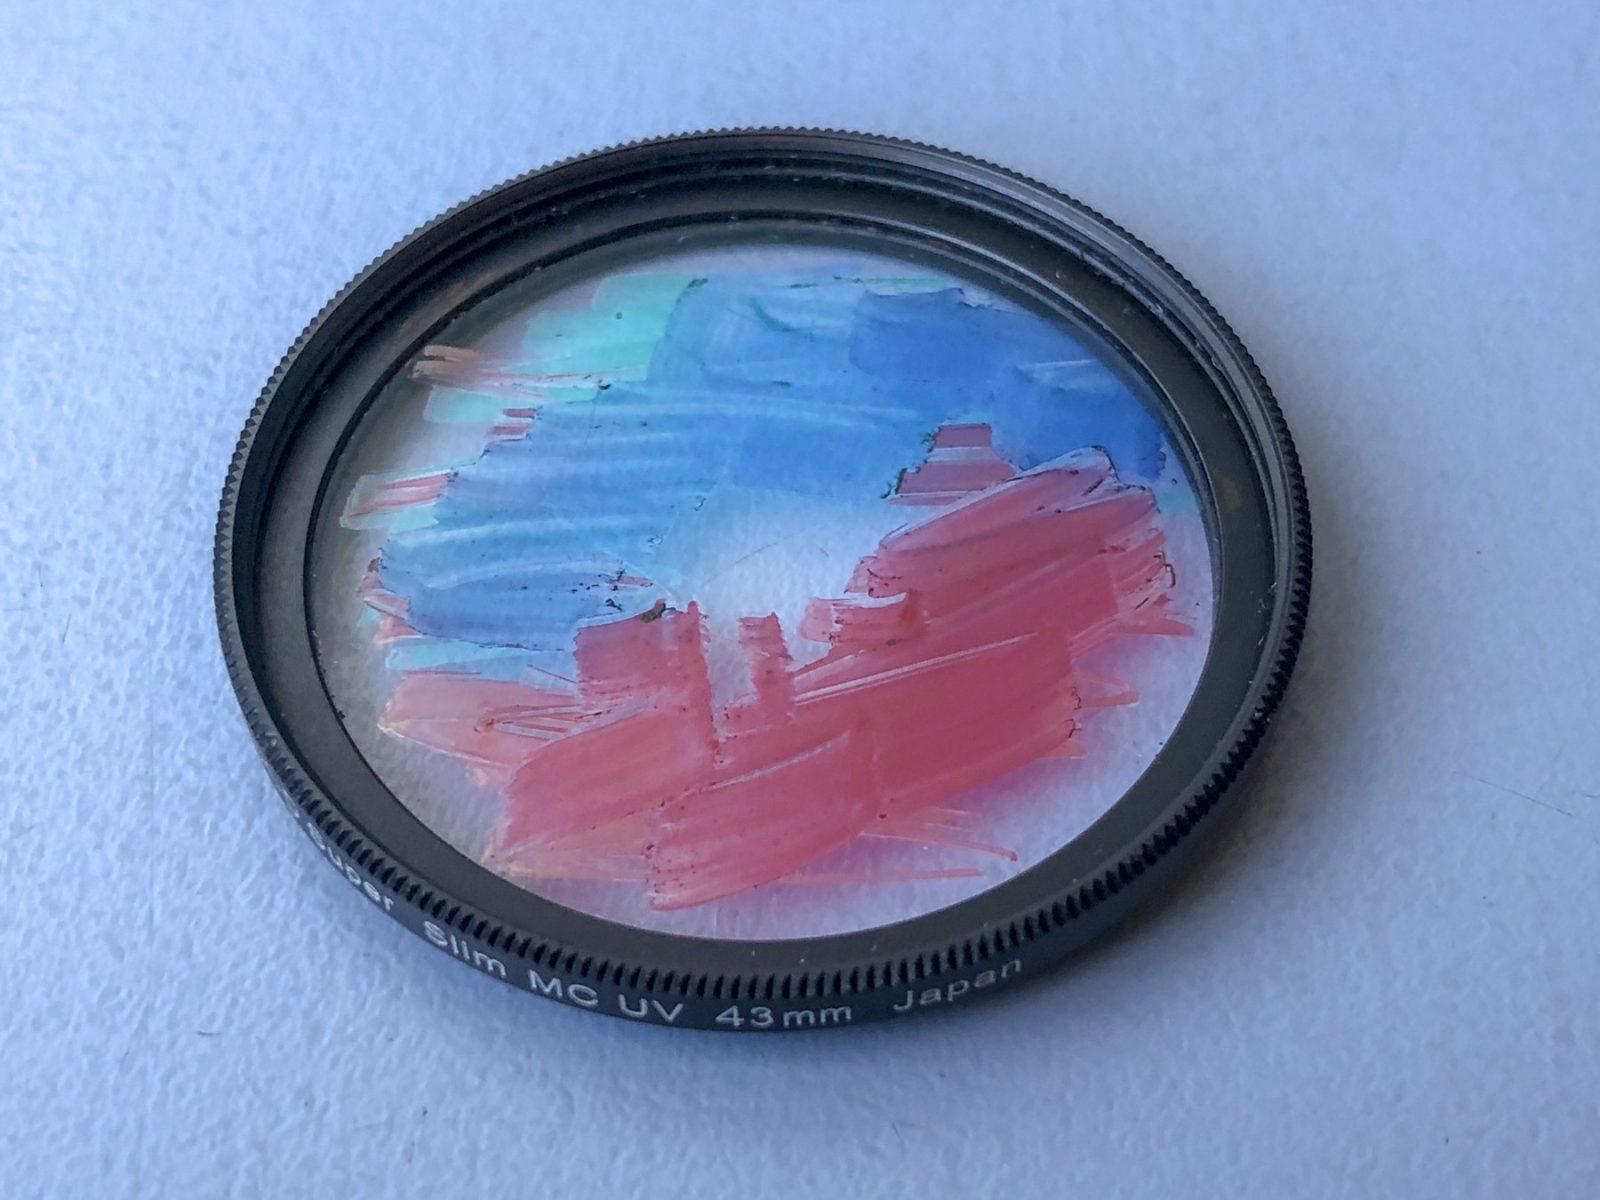 Fotosjov: Farvelader på et UV-filter